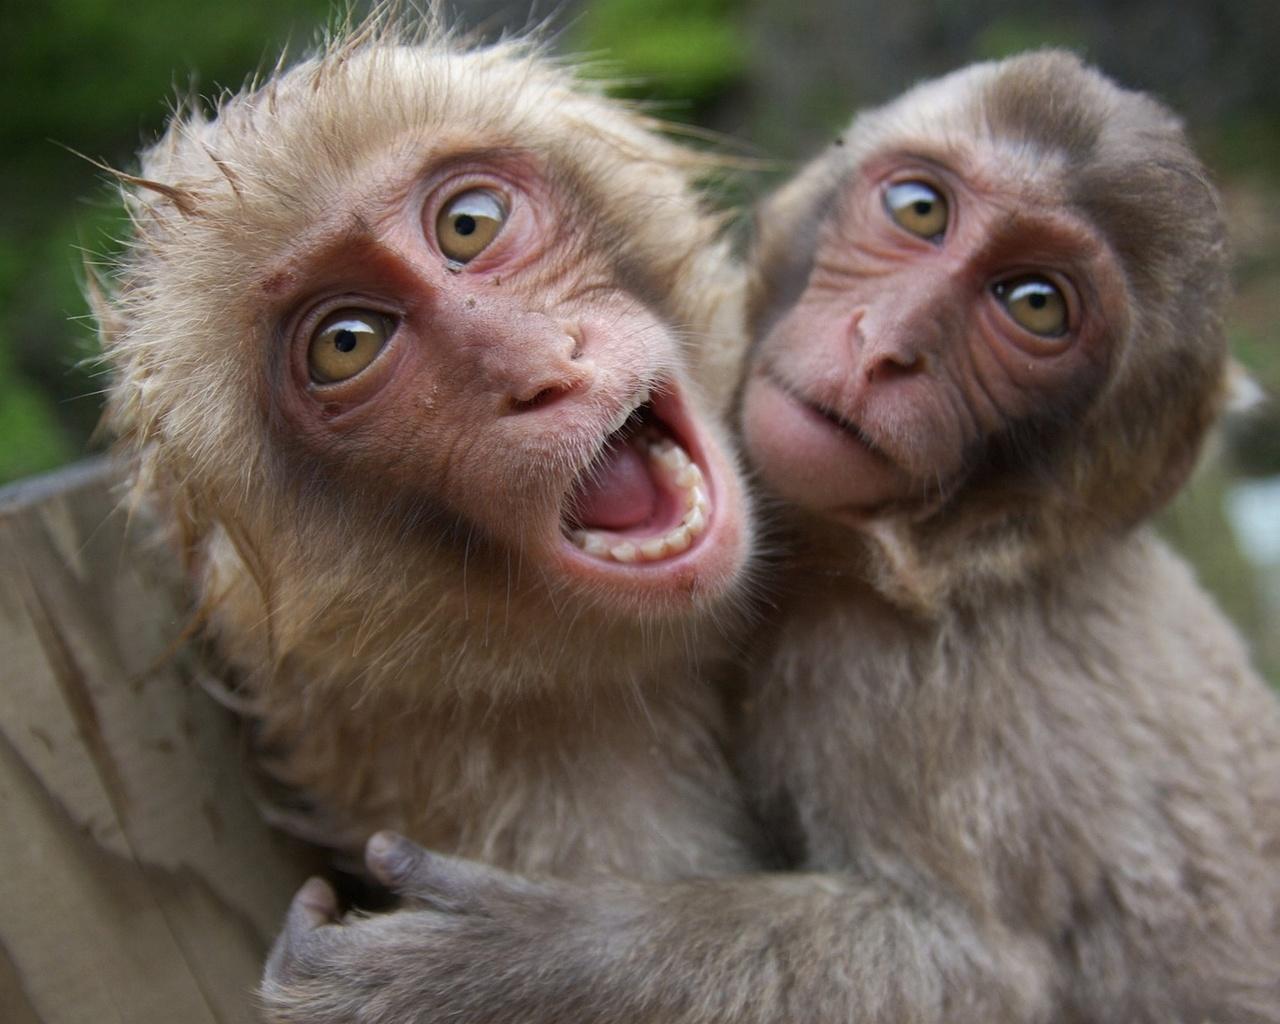 для картинки двух обезьян смешные стихов